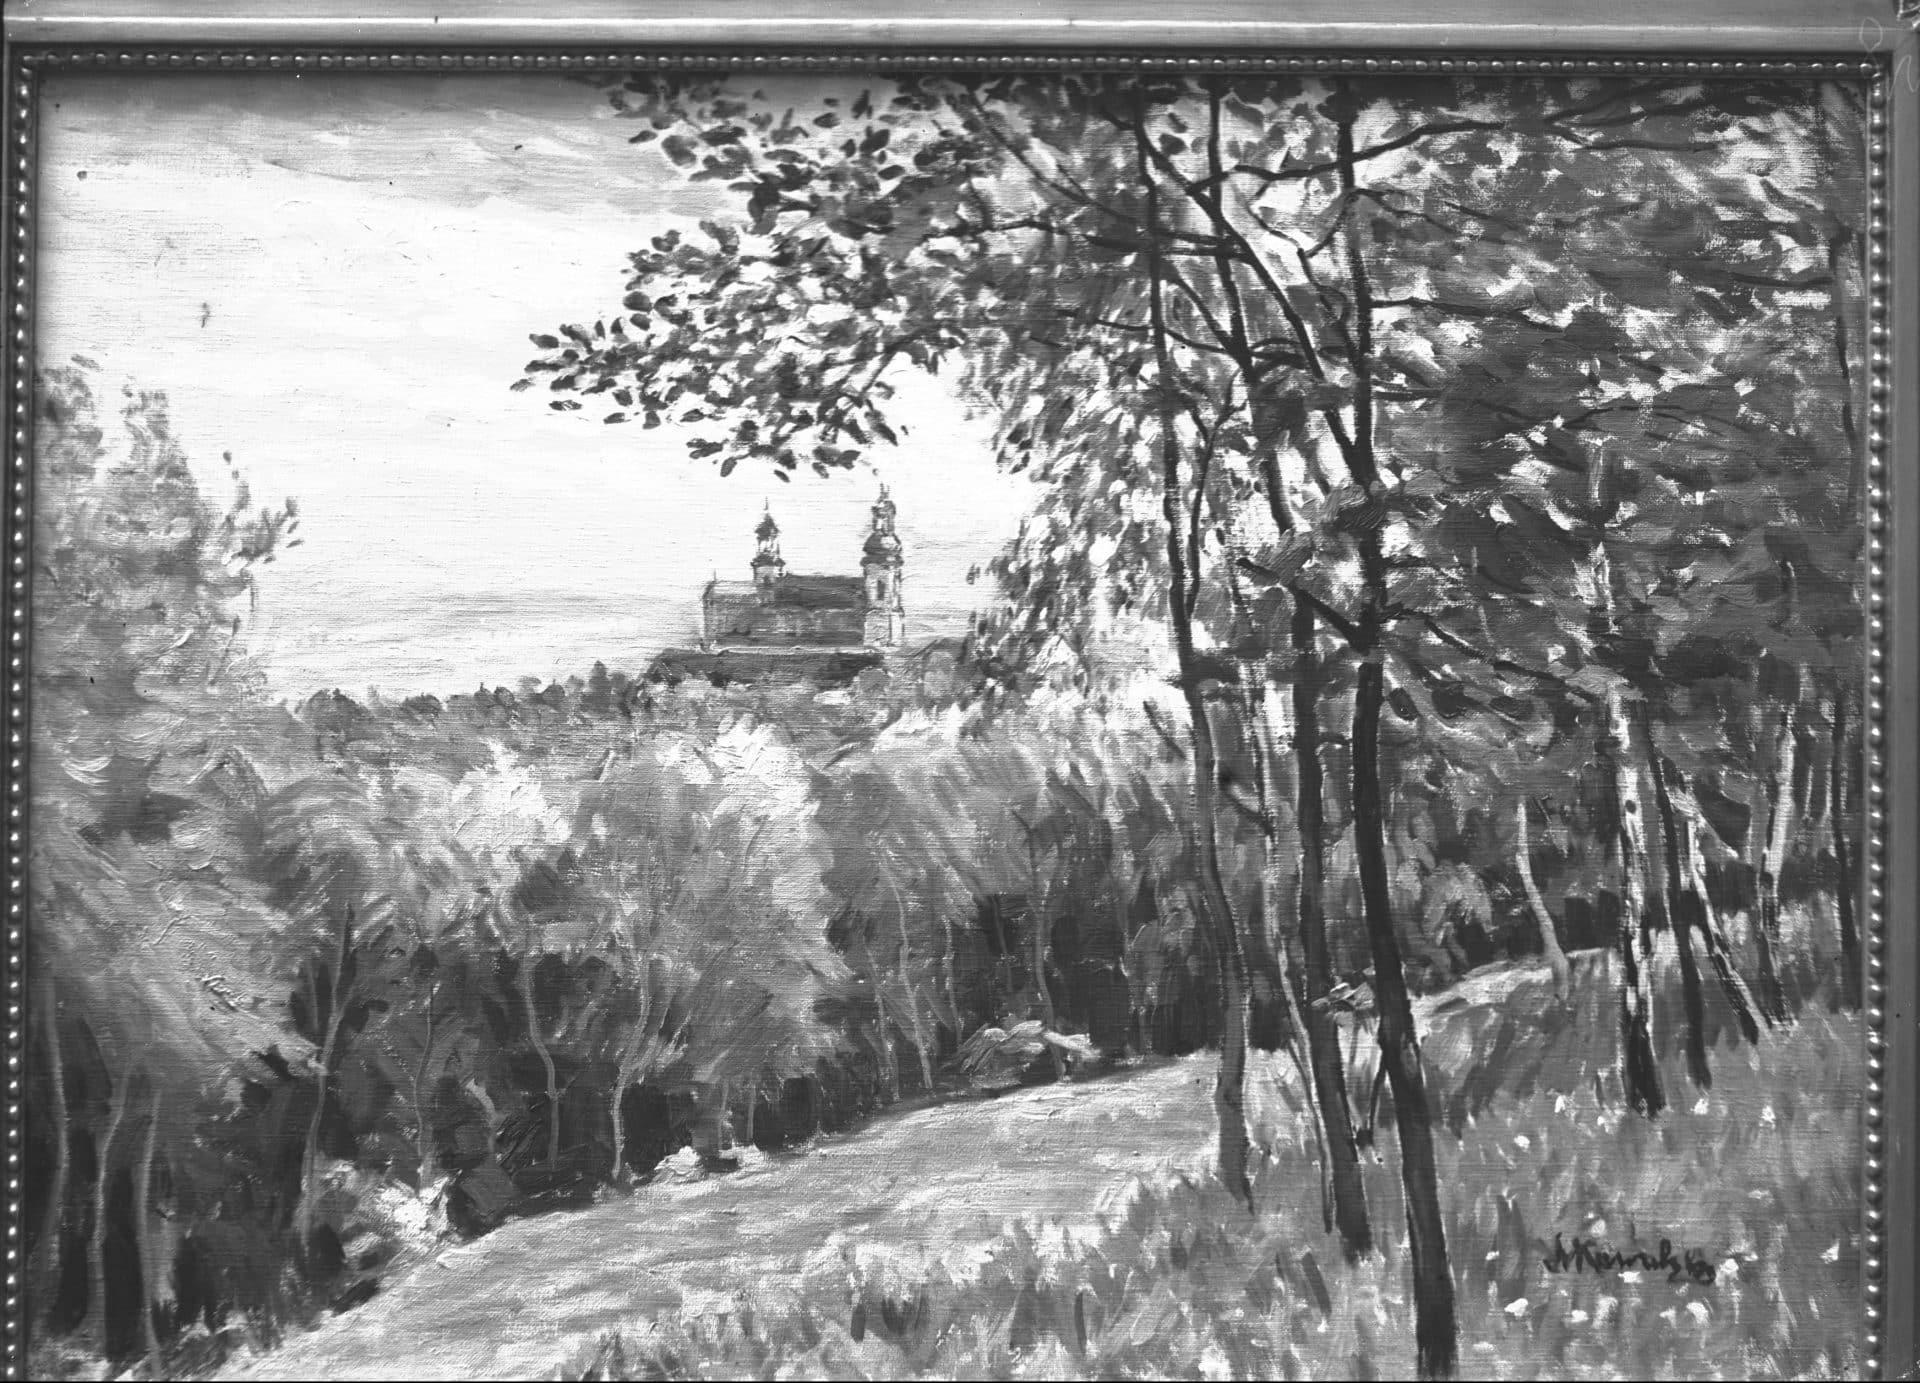 Srebrna Góra. Kościół Wniebowzięcia Najświętszej Maryi Panny na Bielanach w Krakowie. Obraz autorstwa Leona Kowalskiego. 1929 rok.